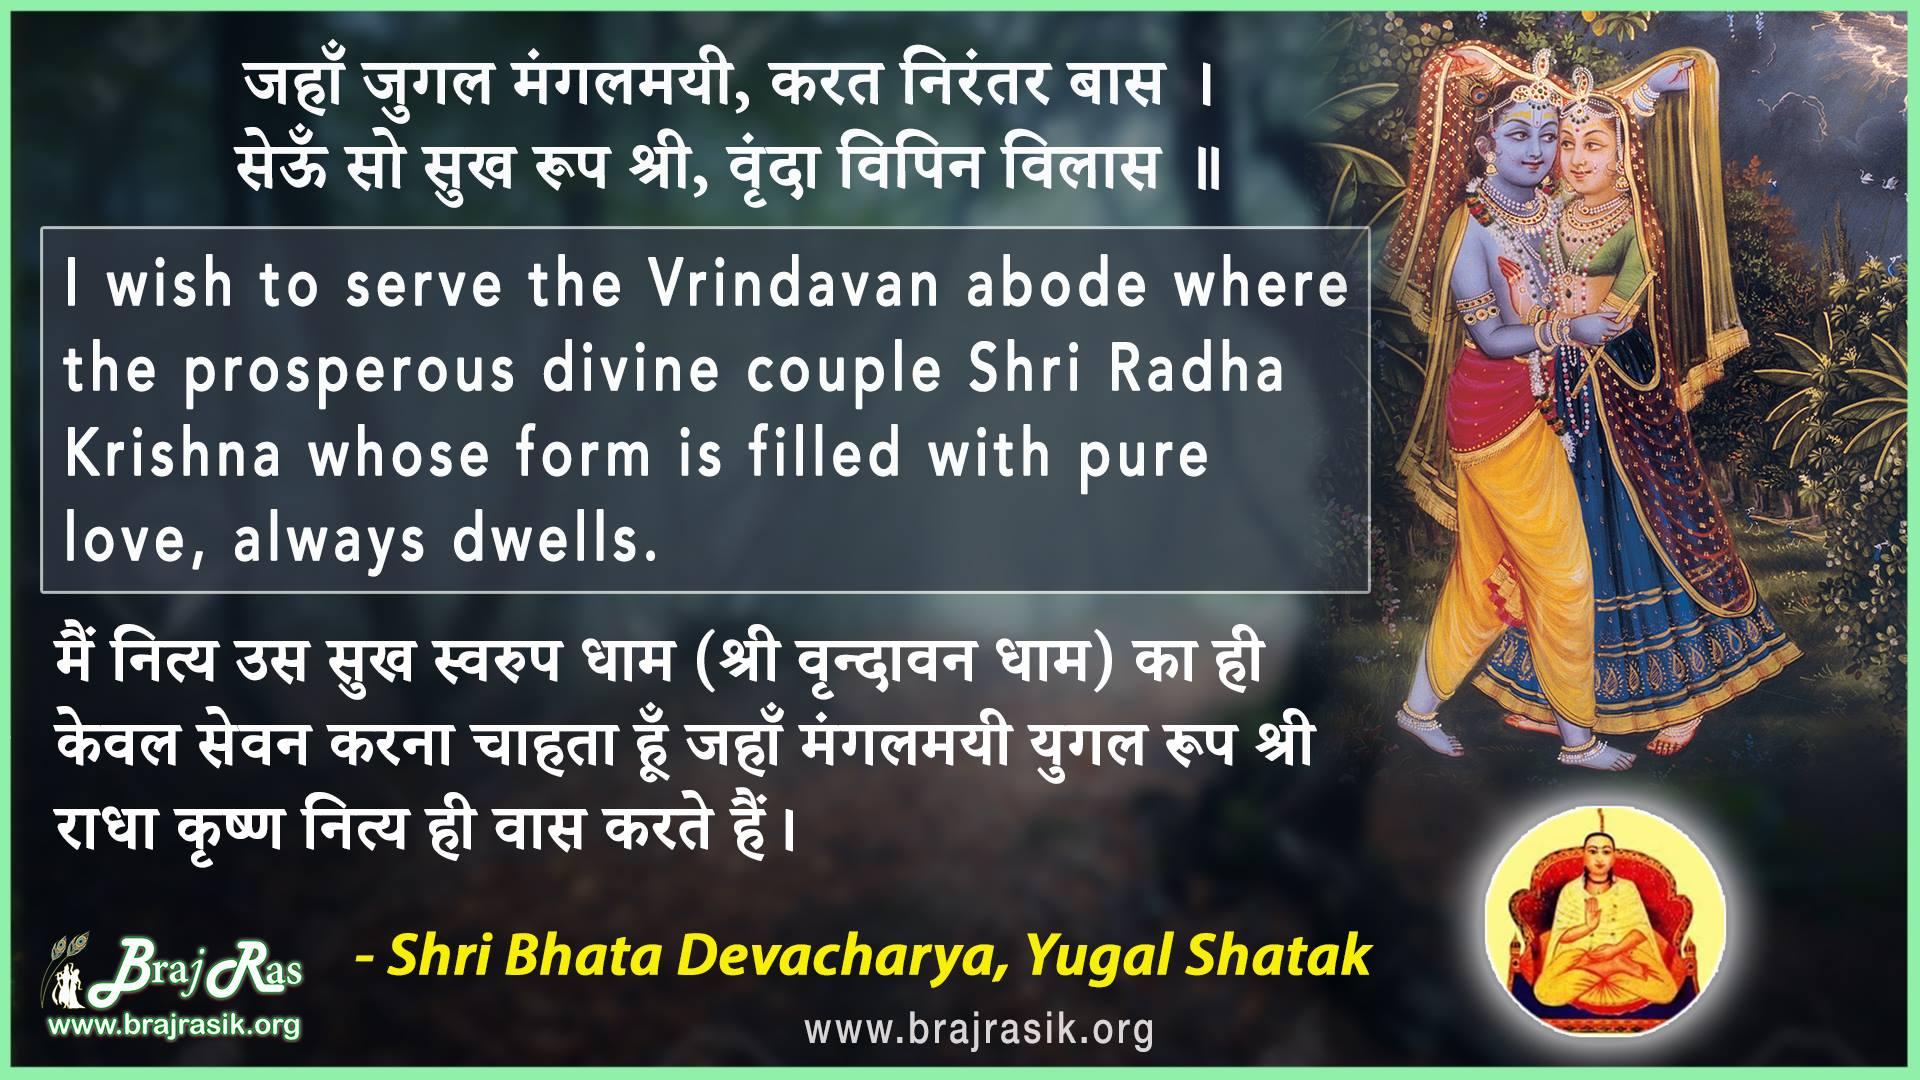 Jahan Jugal Mangalmayi Karat Nirantar Baas - Shri Bhata Devacharya, Yugal Shatak